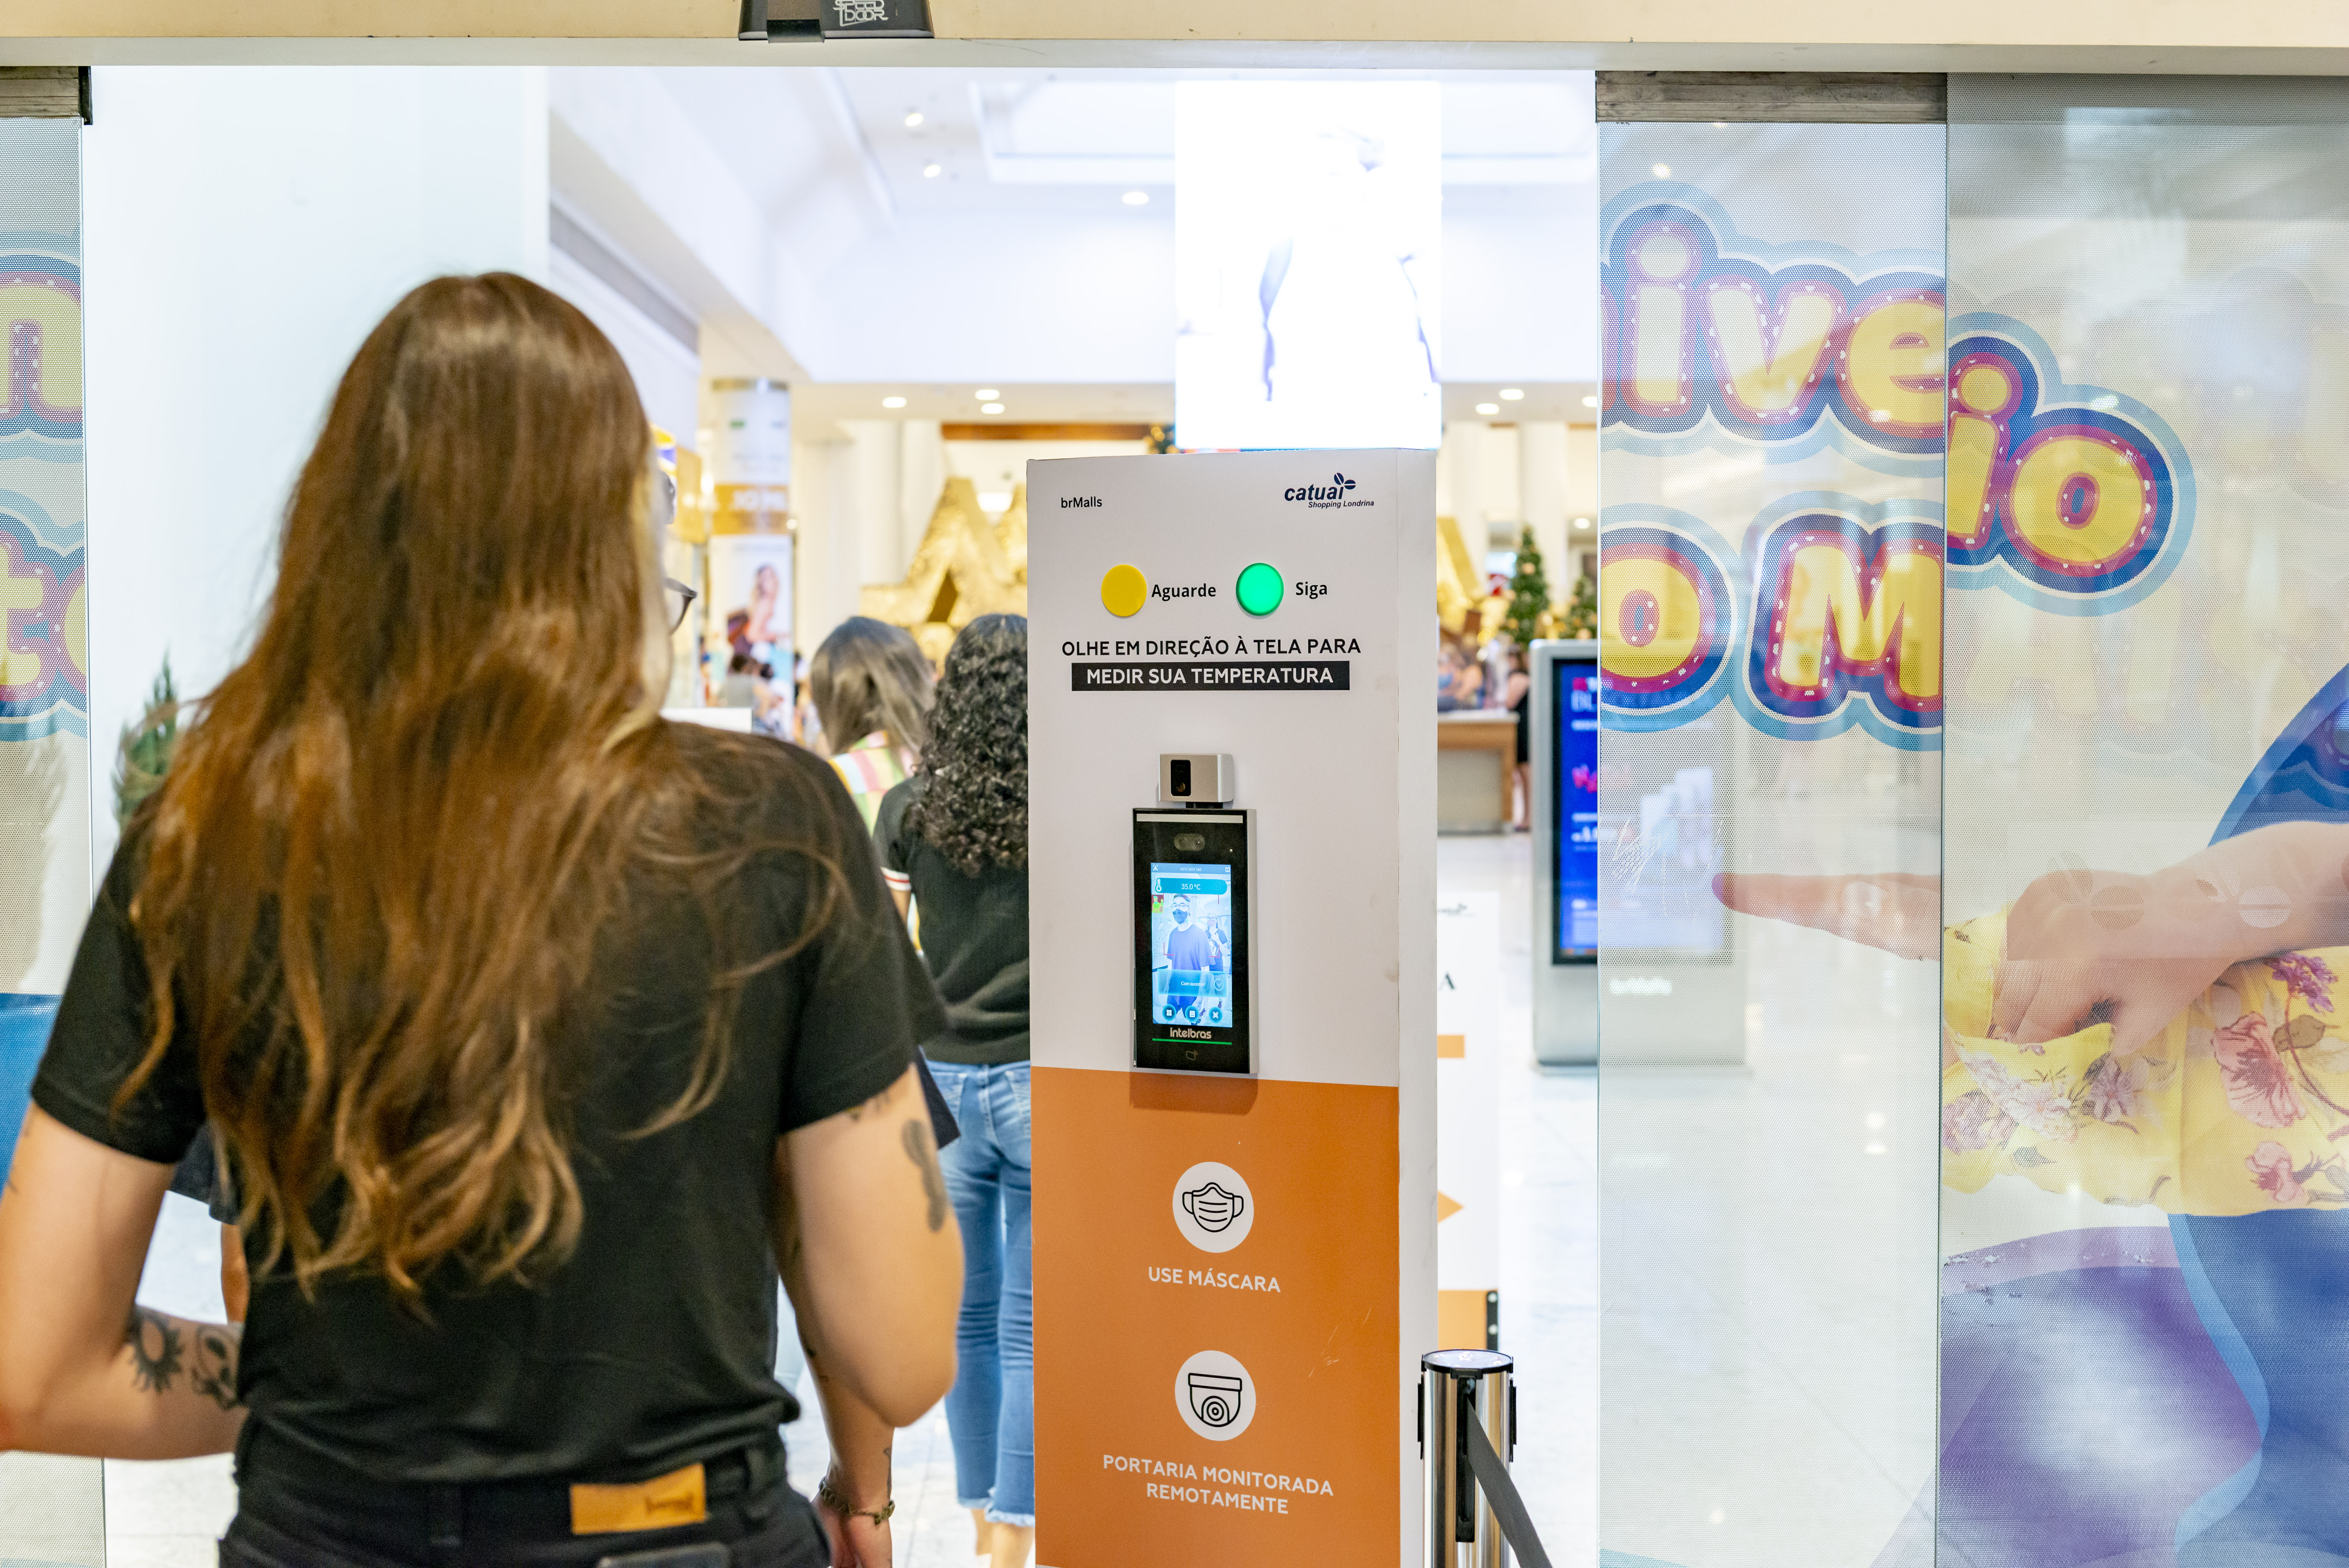 Intelbras_Entrada Shopping Catuai